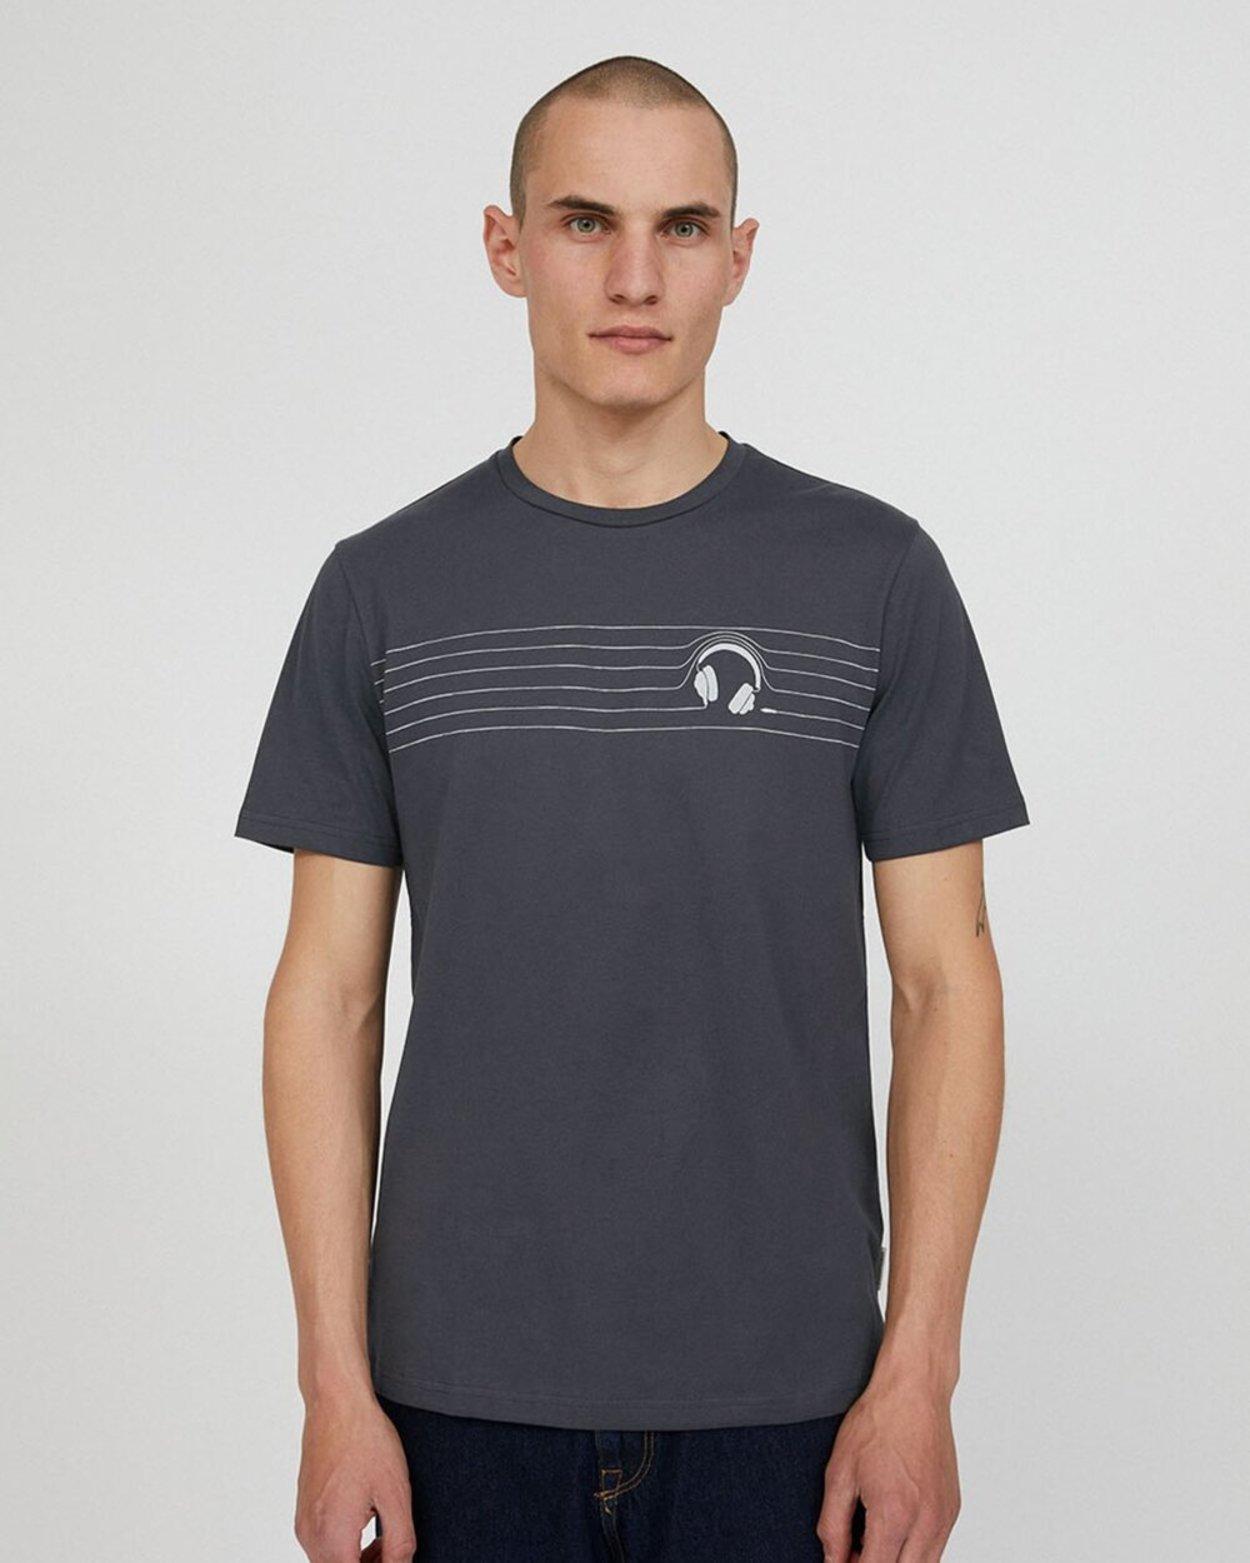 Jaames Headphones T-Shirt